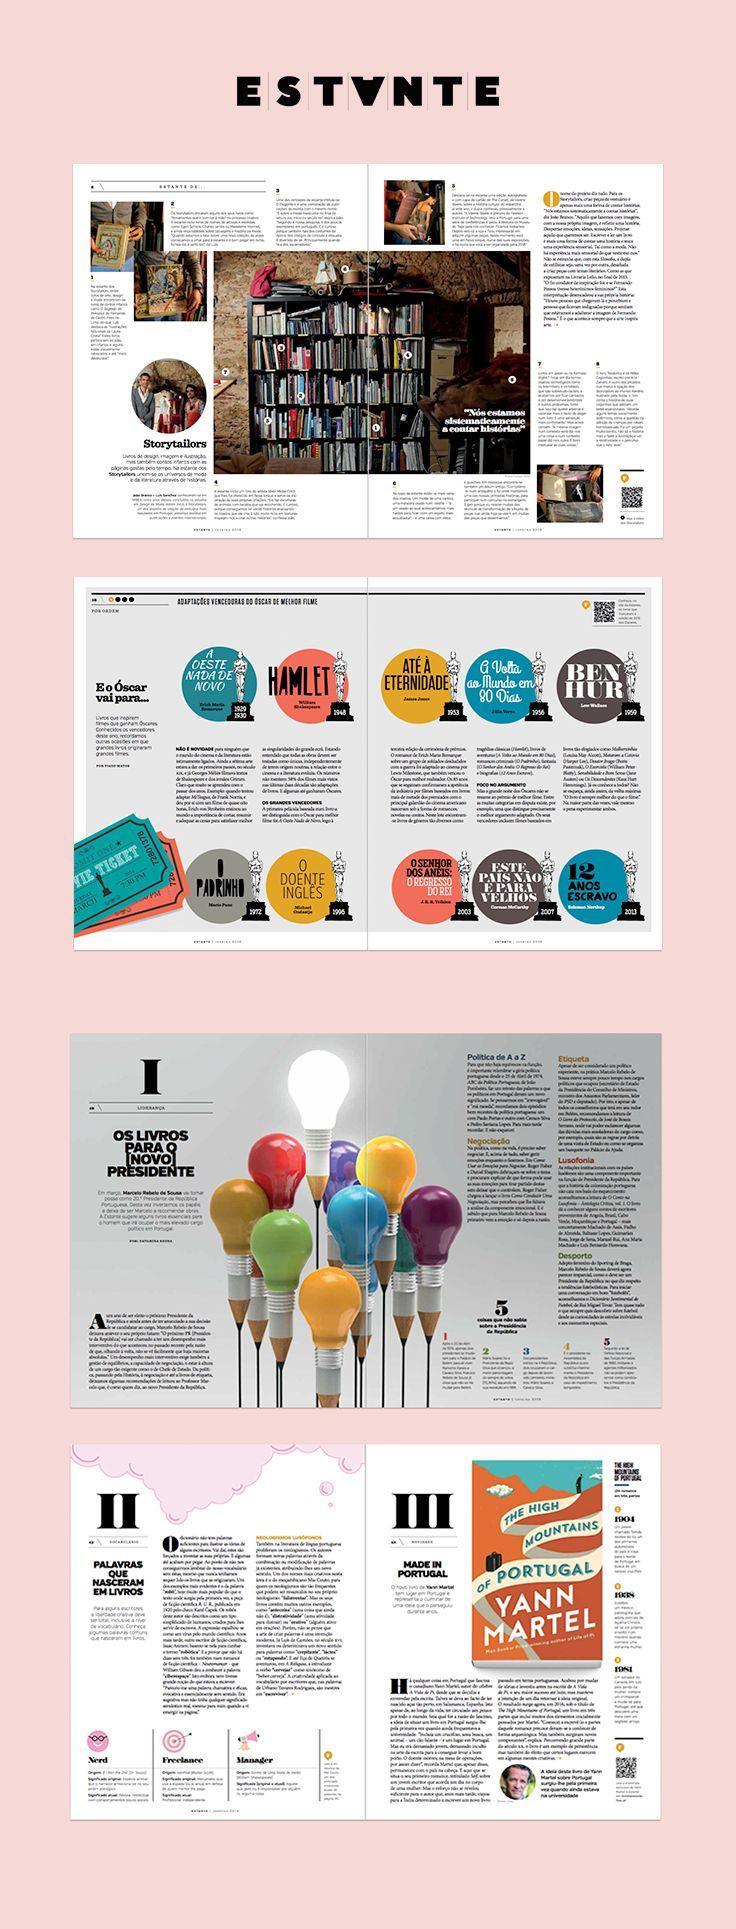 Revista Estante nº 8 da Fnac. Uma edição Adagietto - http://www.adagietto.pt #revistaestante